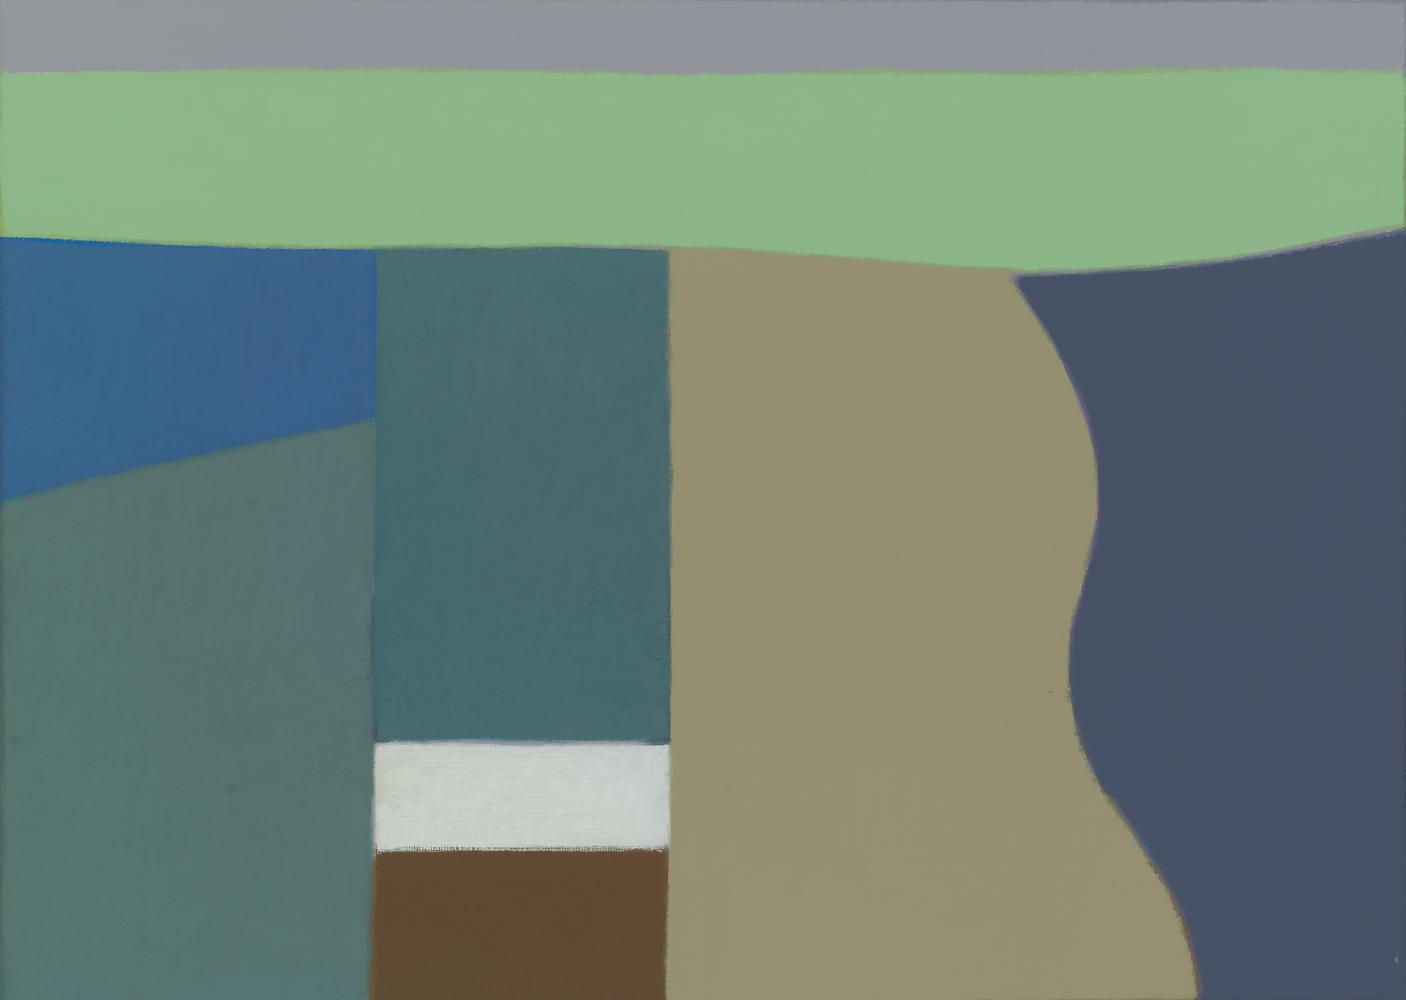 Sin título, 33 x 44 cm, óleo lienzo, 2011.